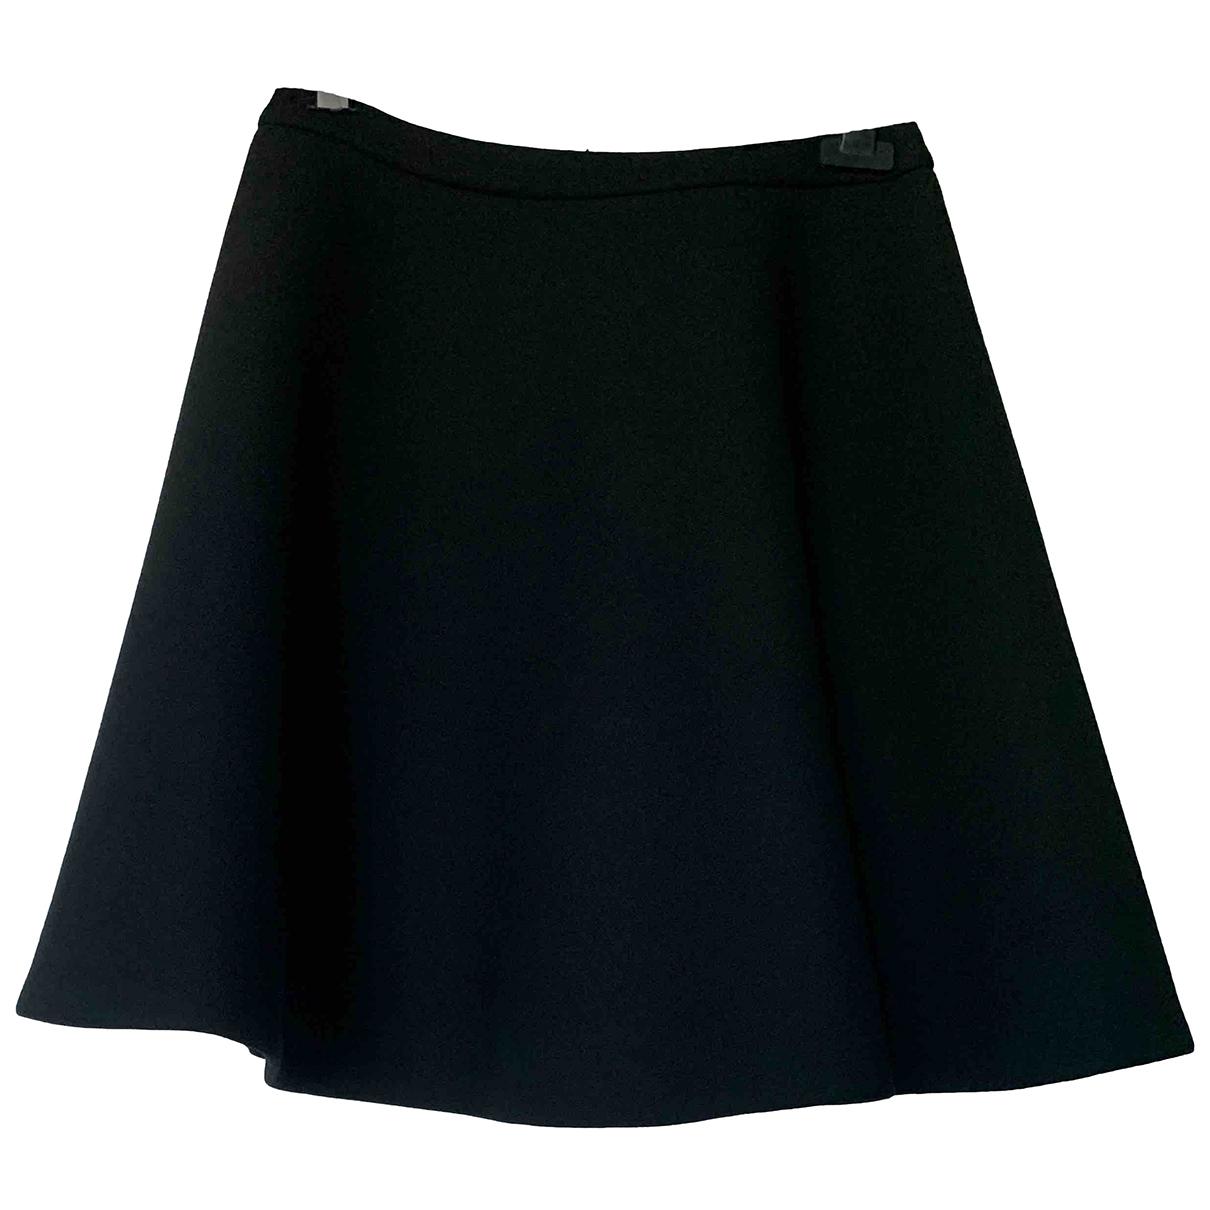 Neil Barrett \N Black skirt for Women 40 IT